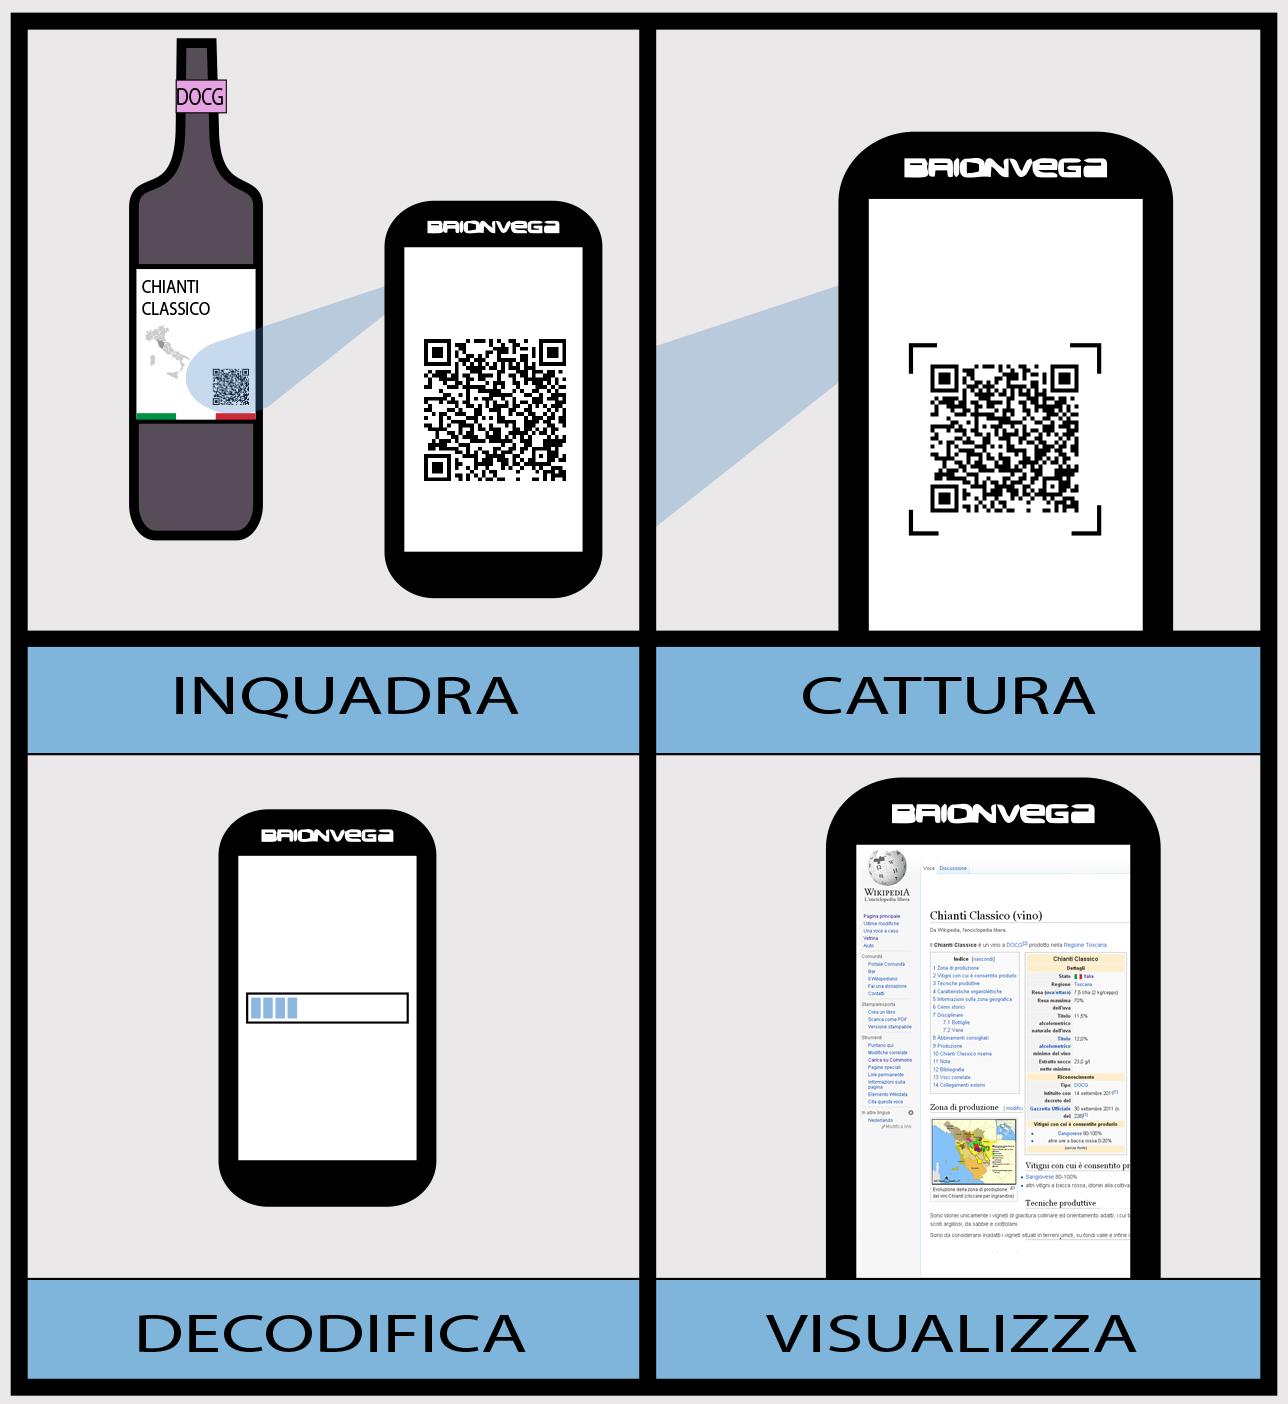 Come scansionare i codici QR con Android - Crea il tuo ...